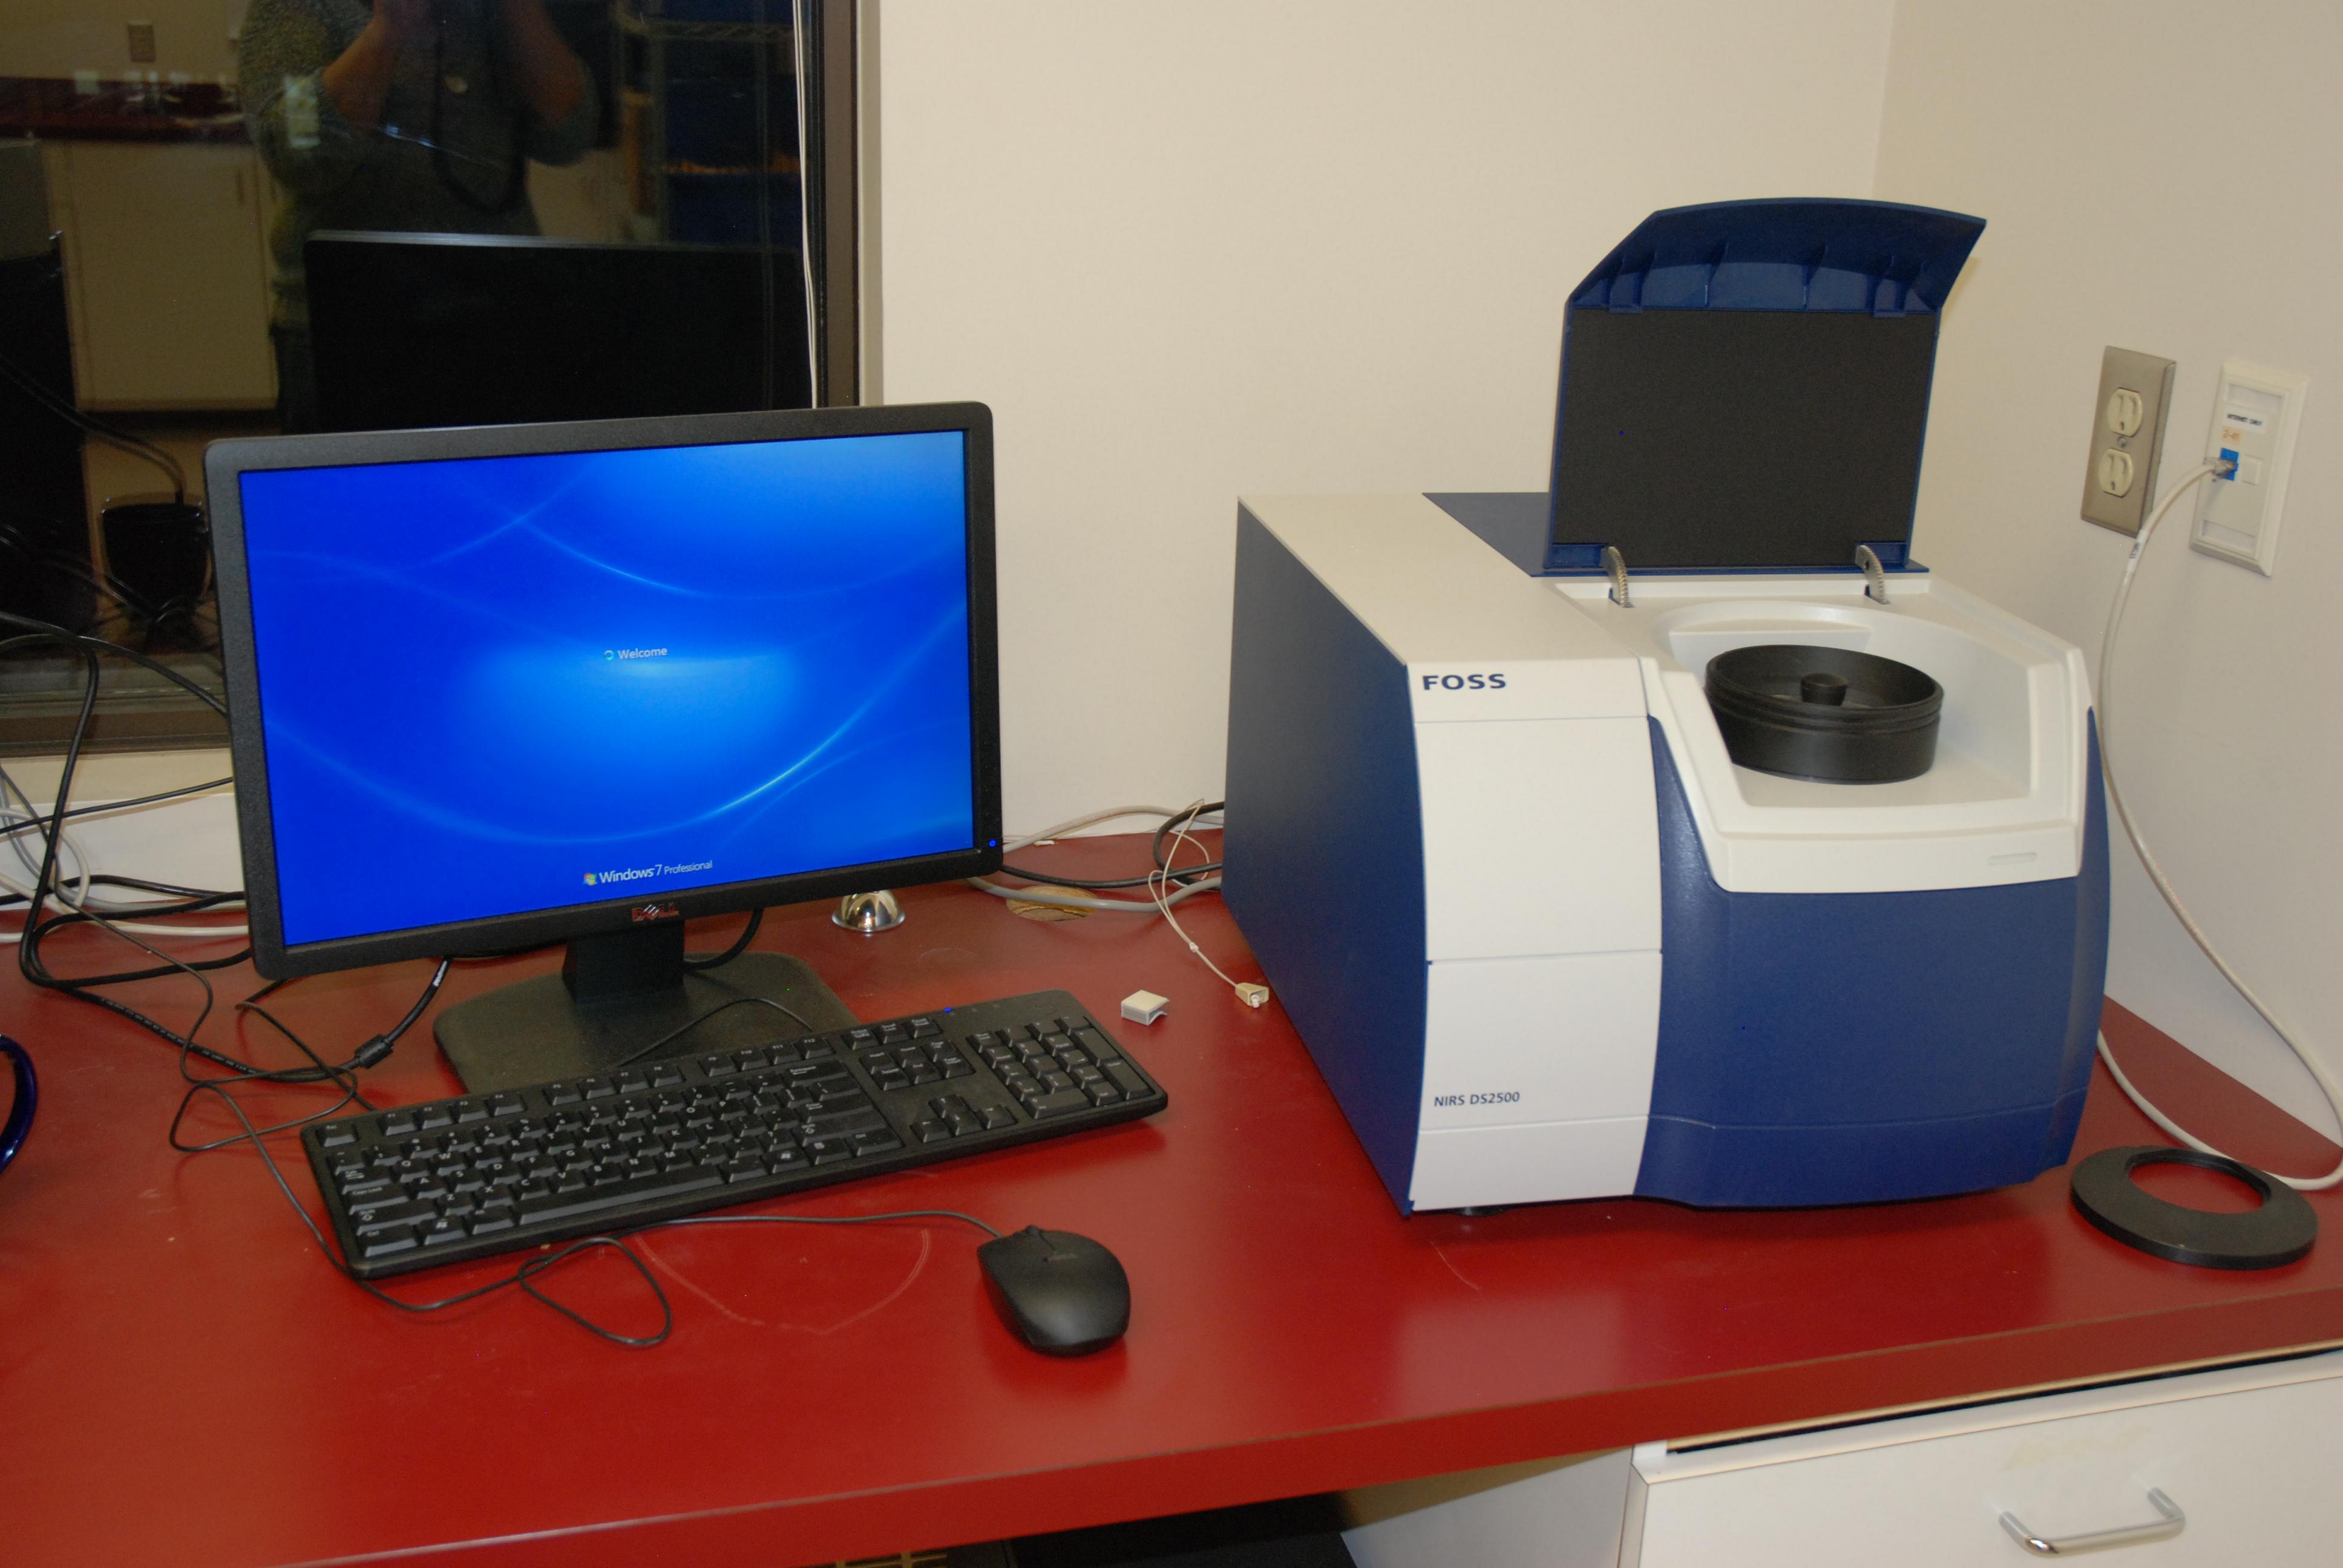 FOSS DS2500 spectrometer